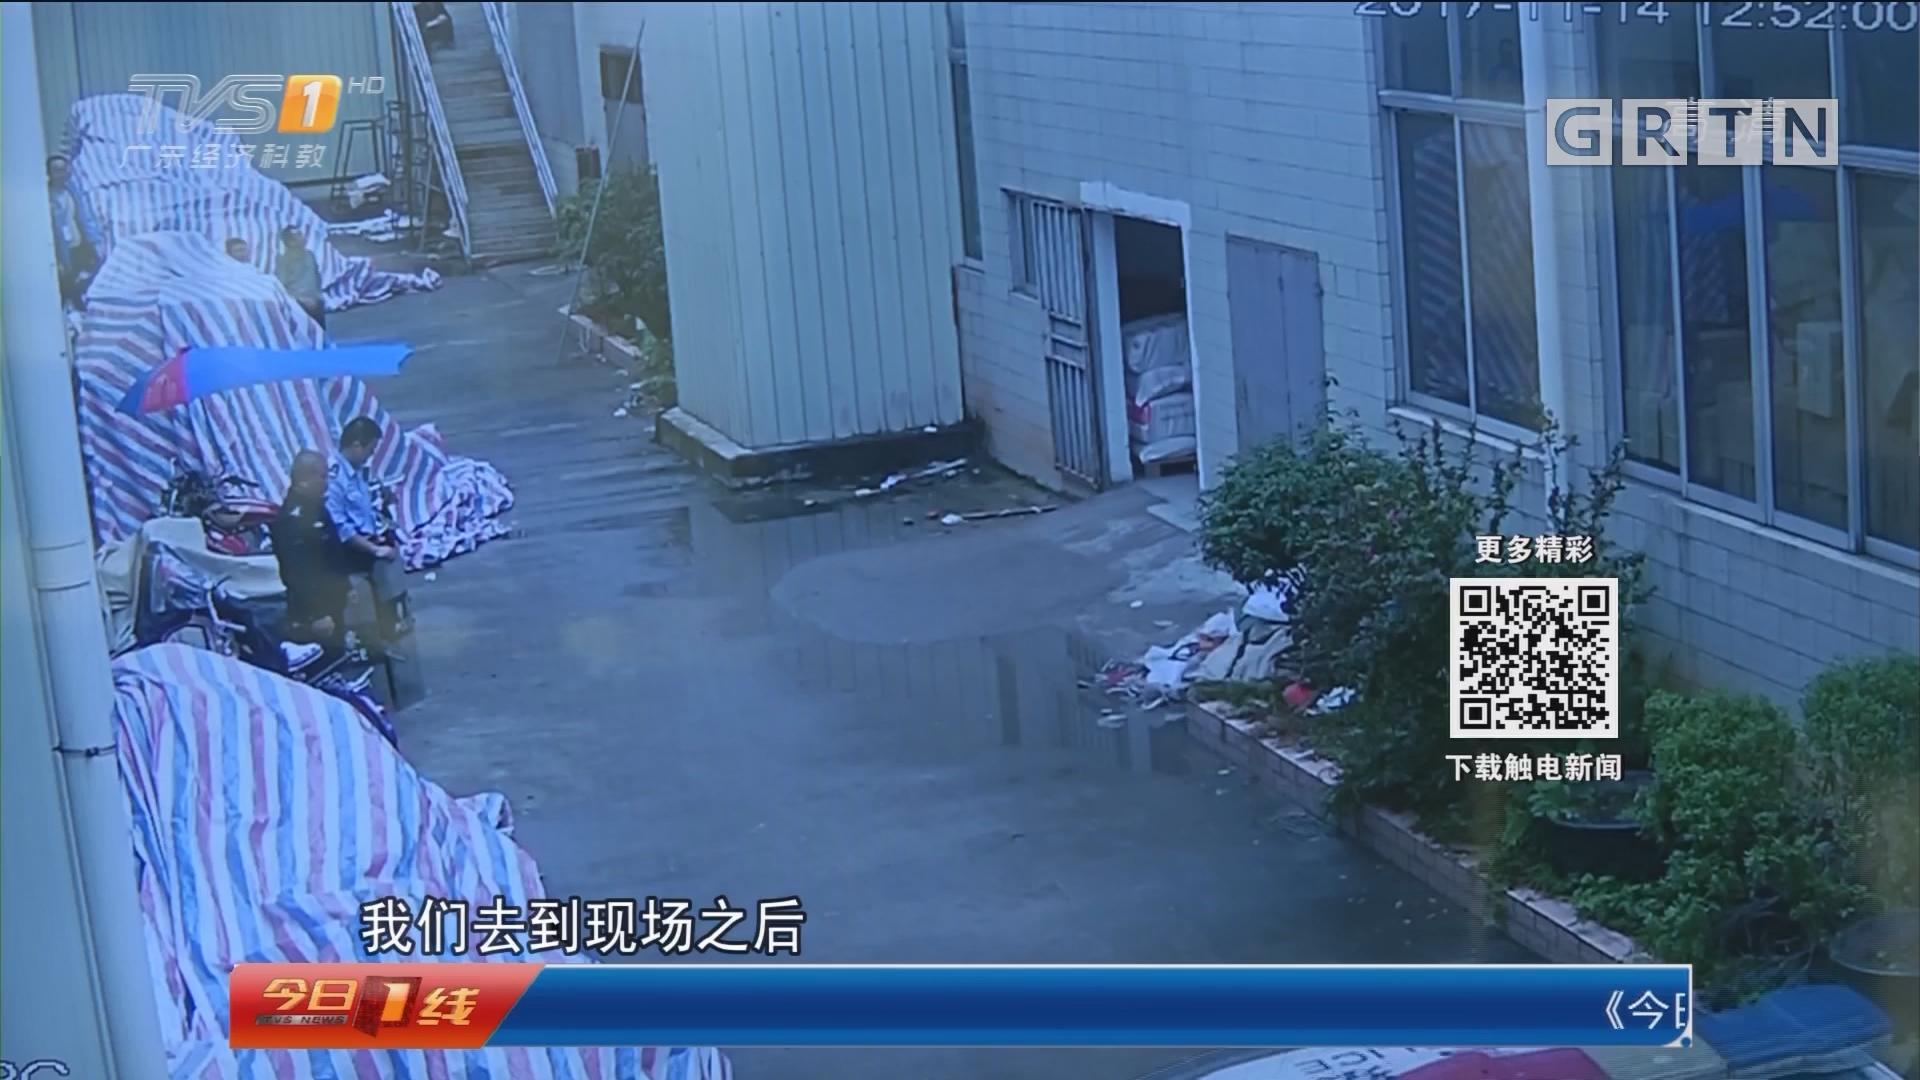 广州花都:流浪藏獒闯入工厂伤人被击毙